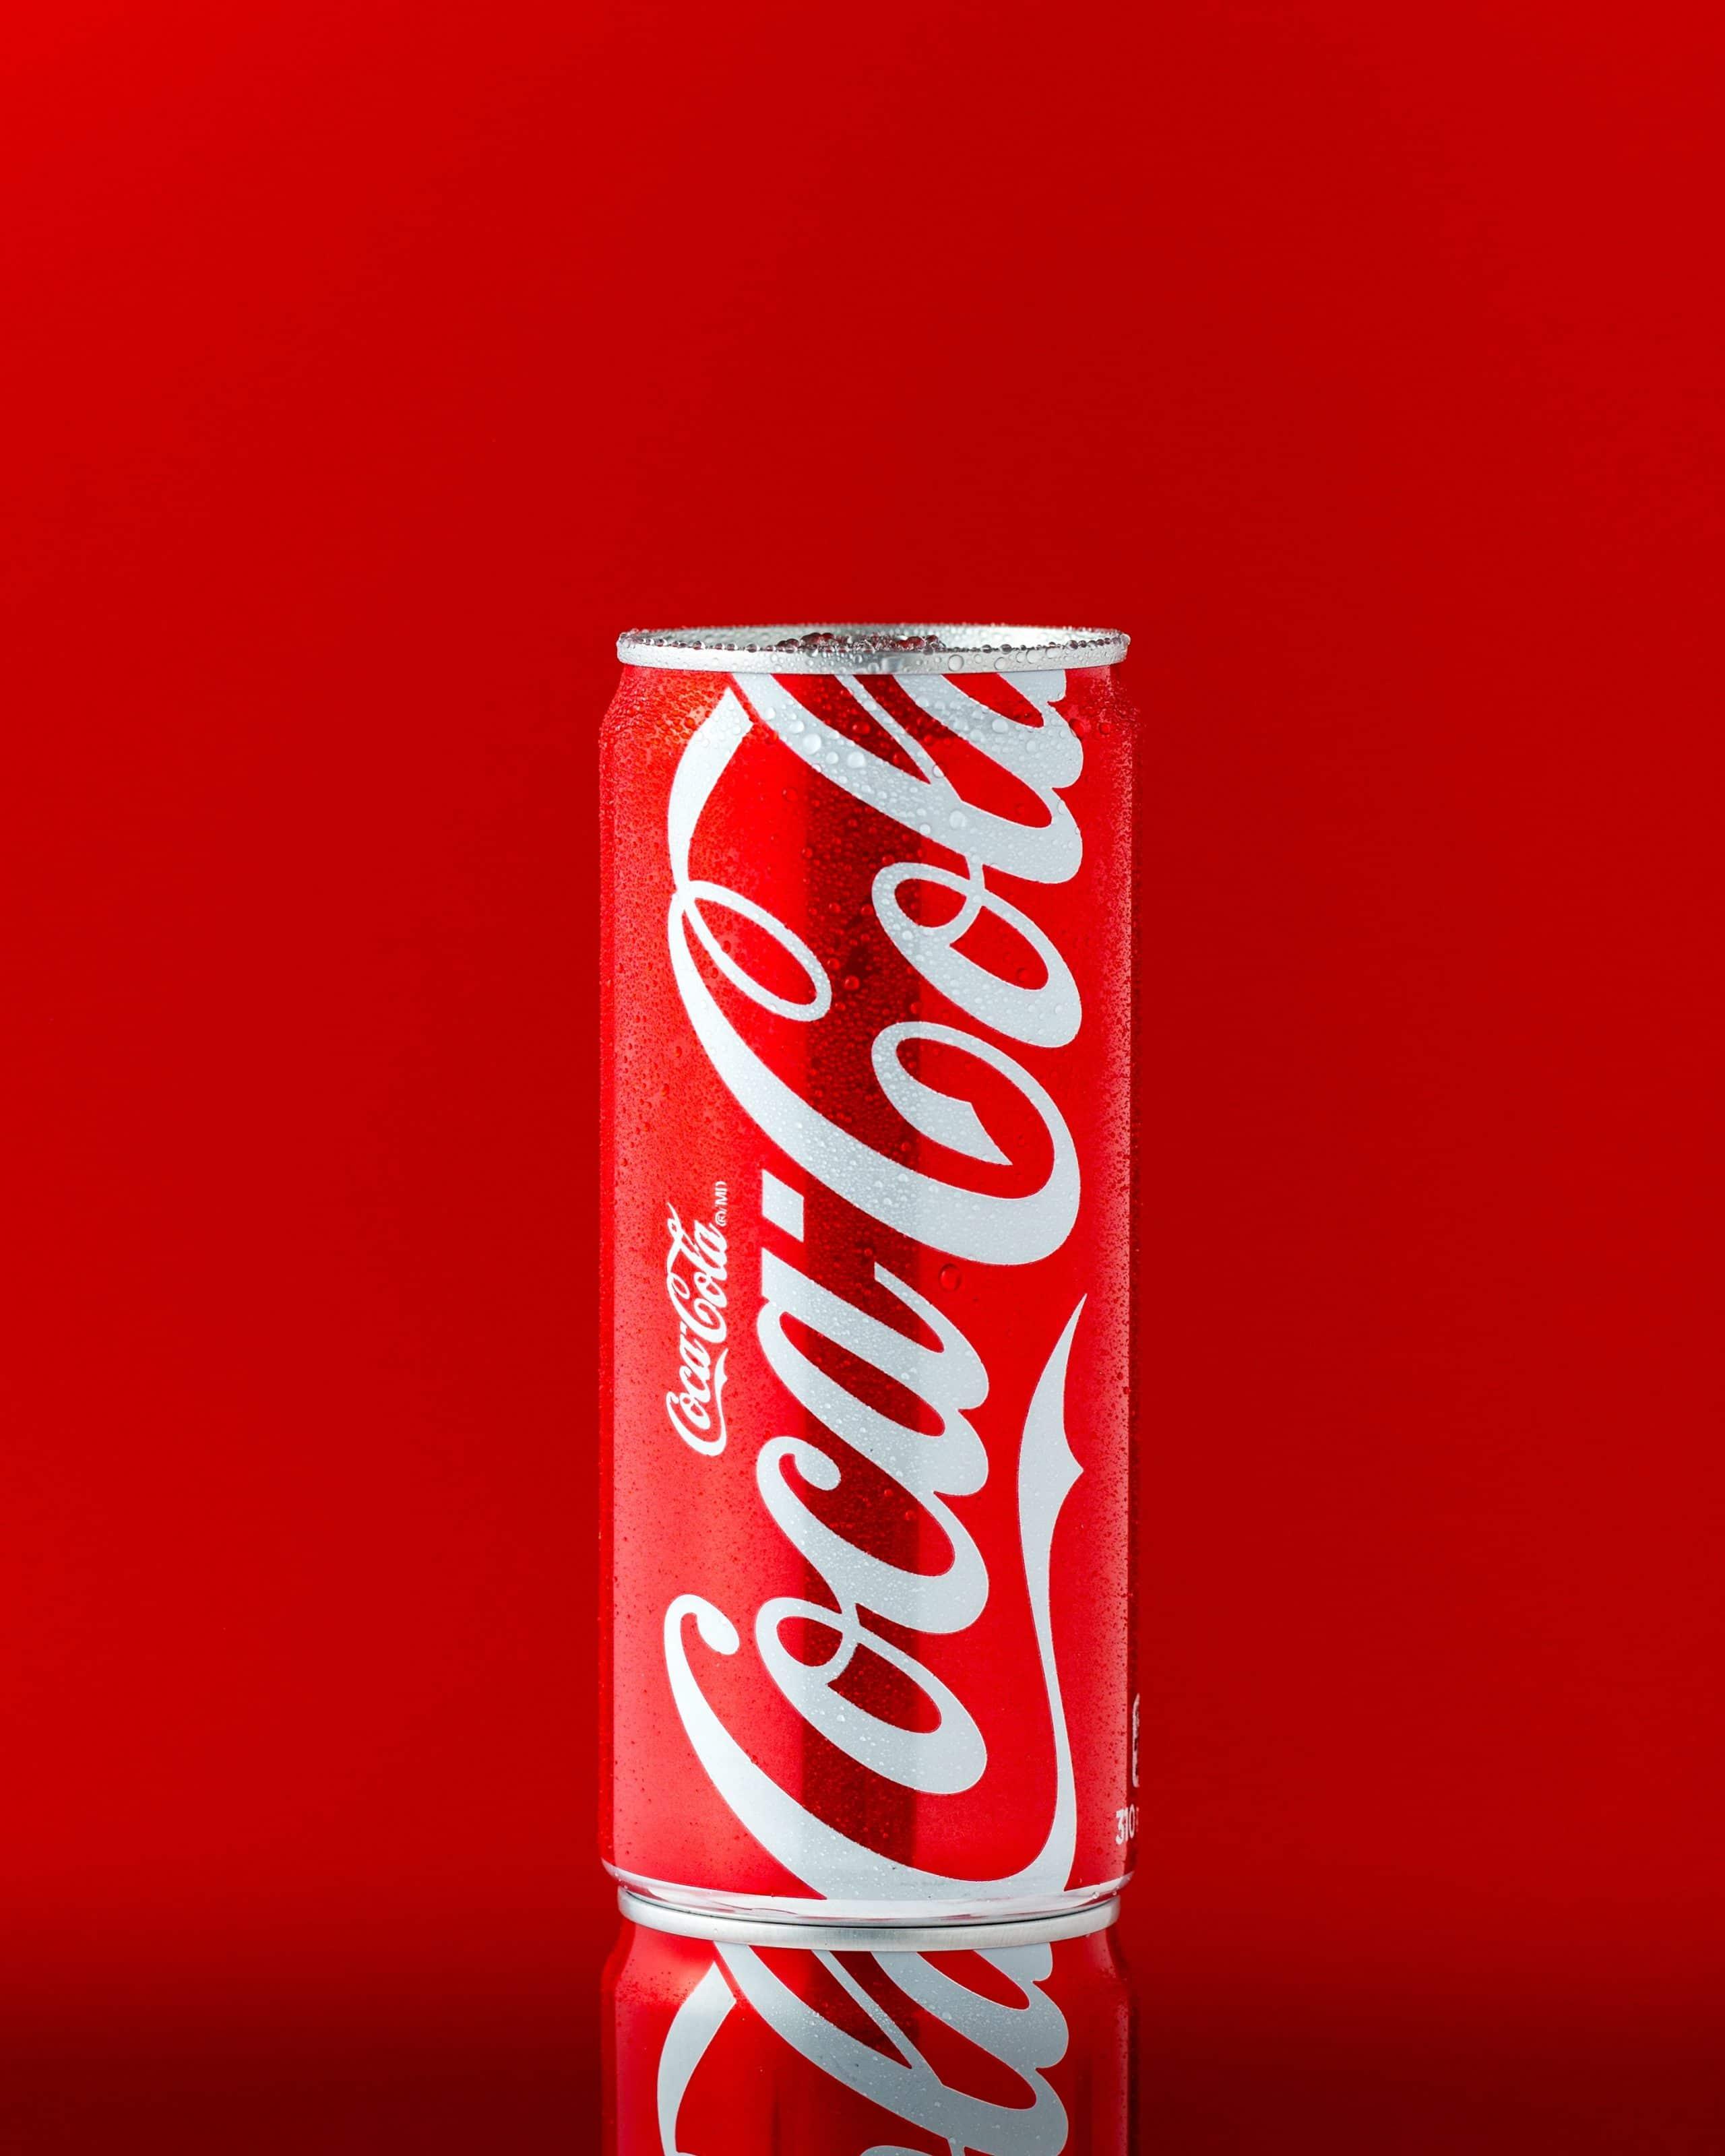 branding example is Coca Cola